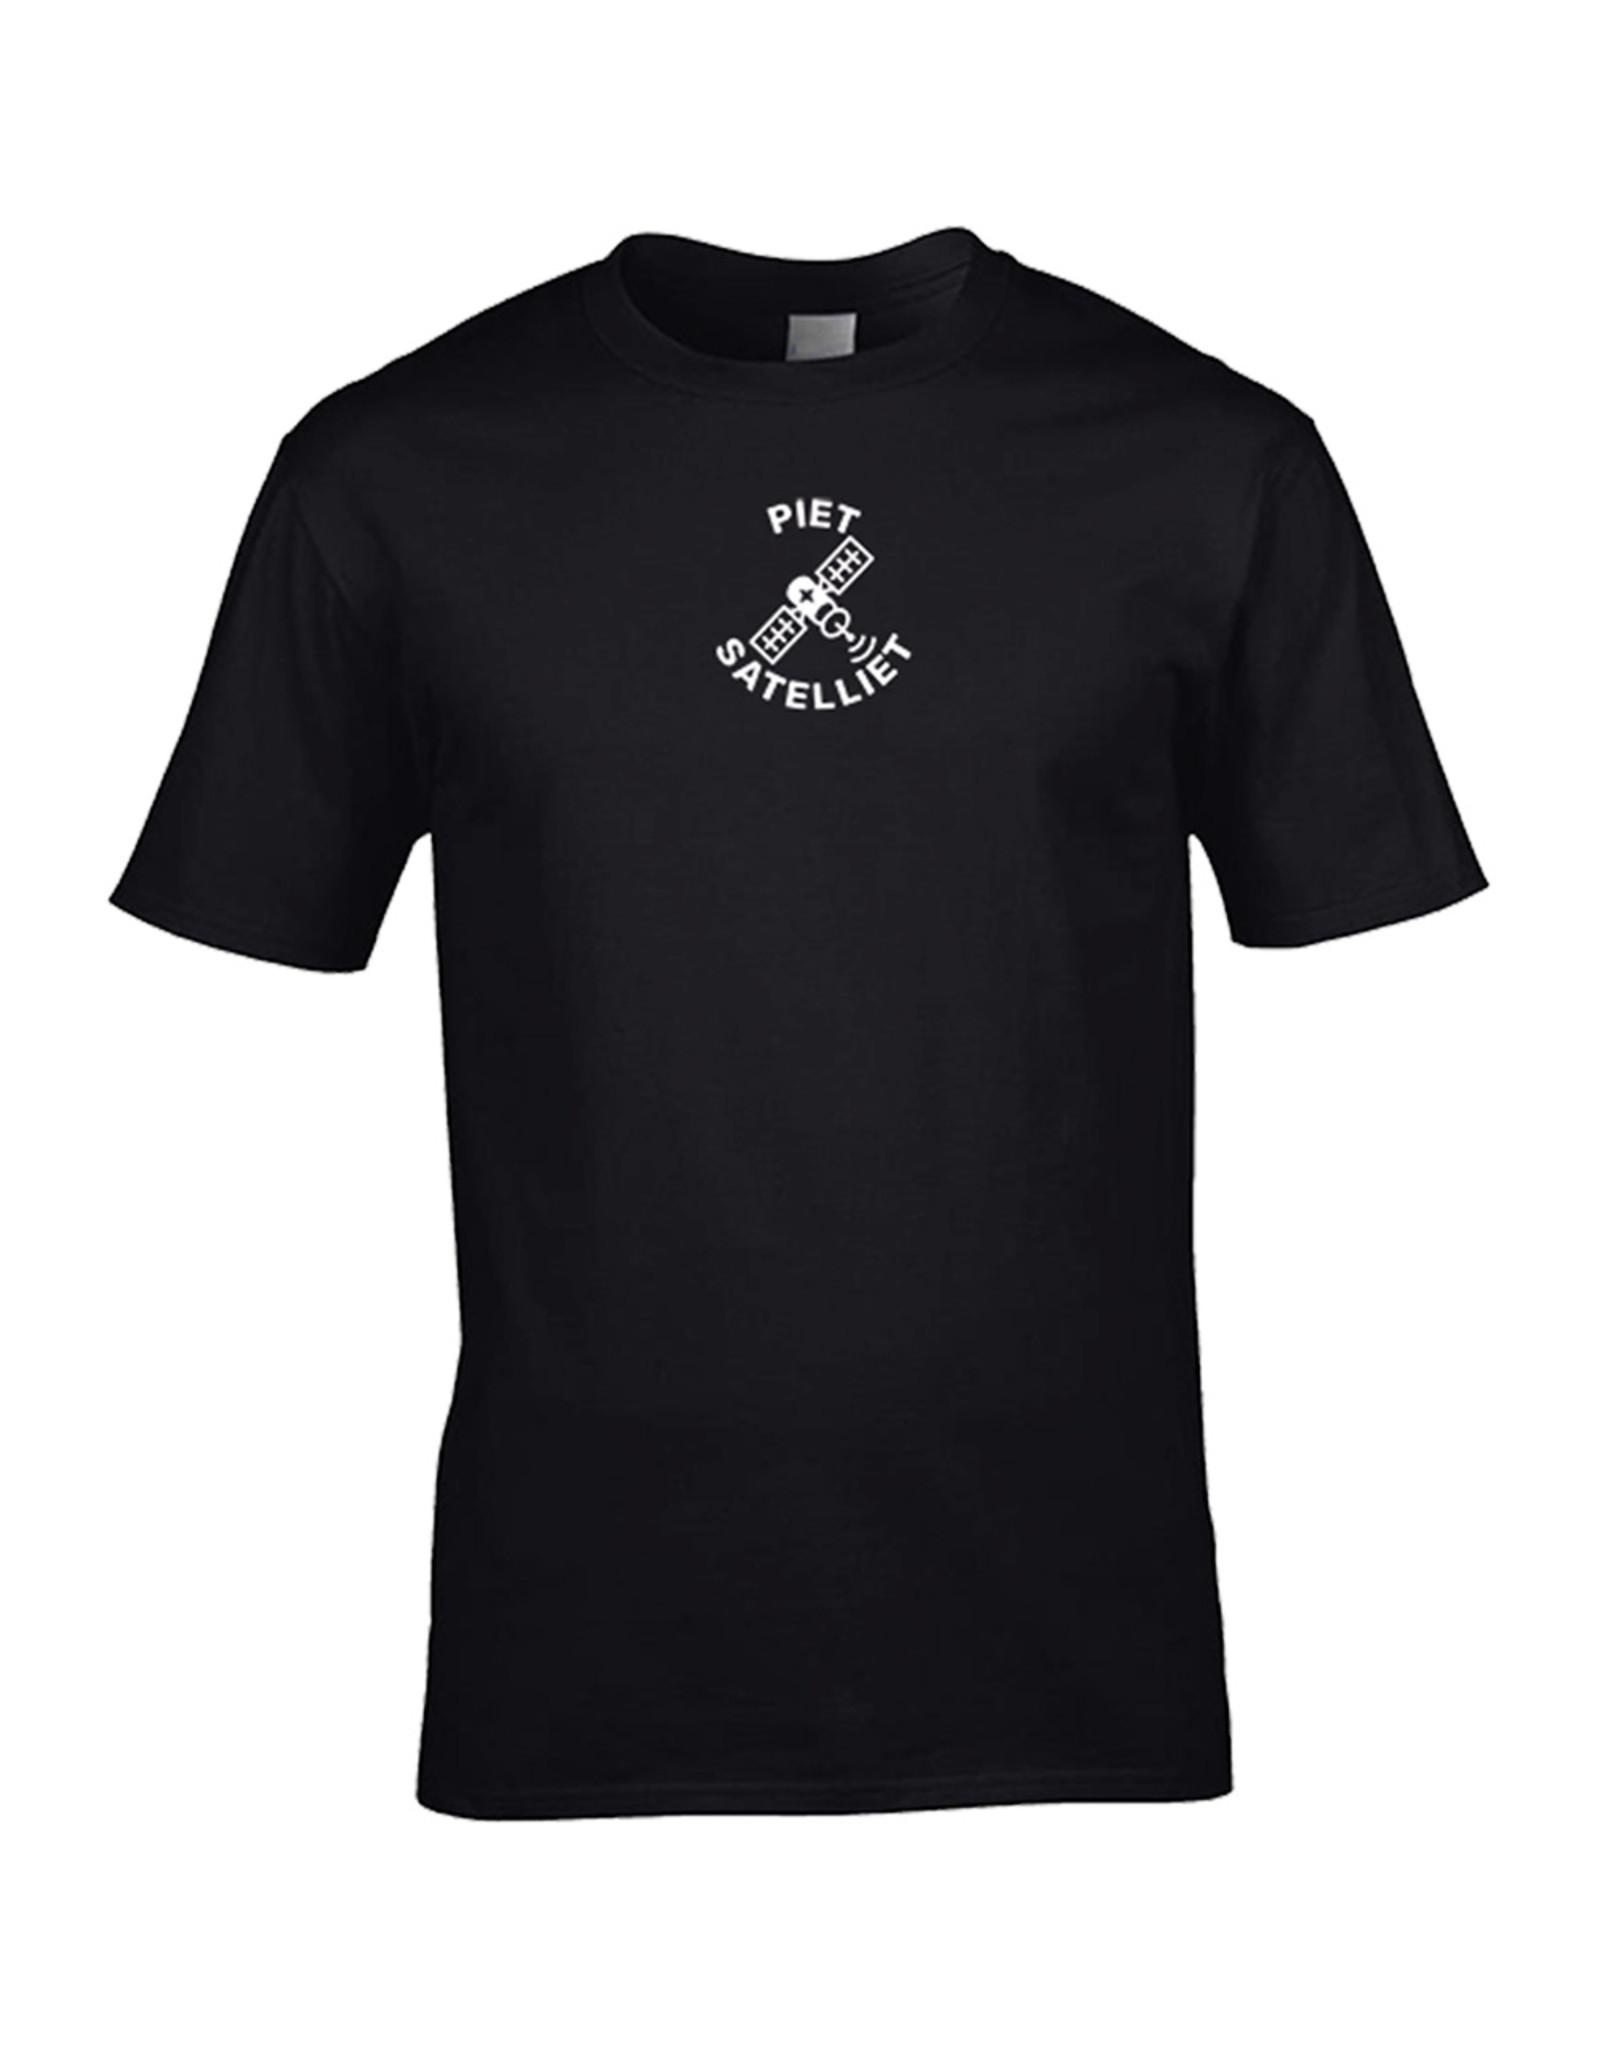 Festicap T-Shirt Piet Satelliet | Zacht katoen | Hand gemaakt